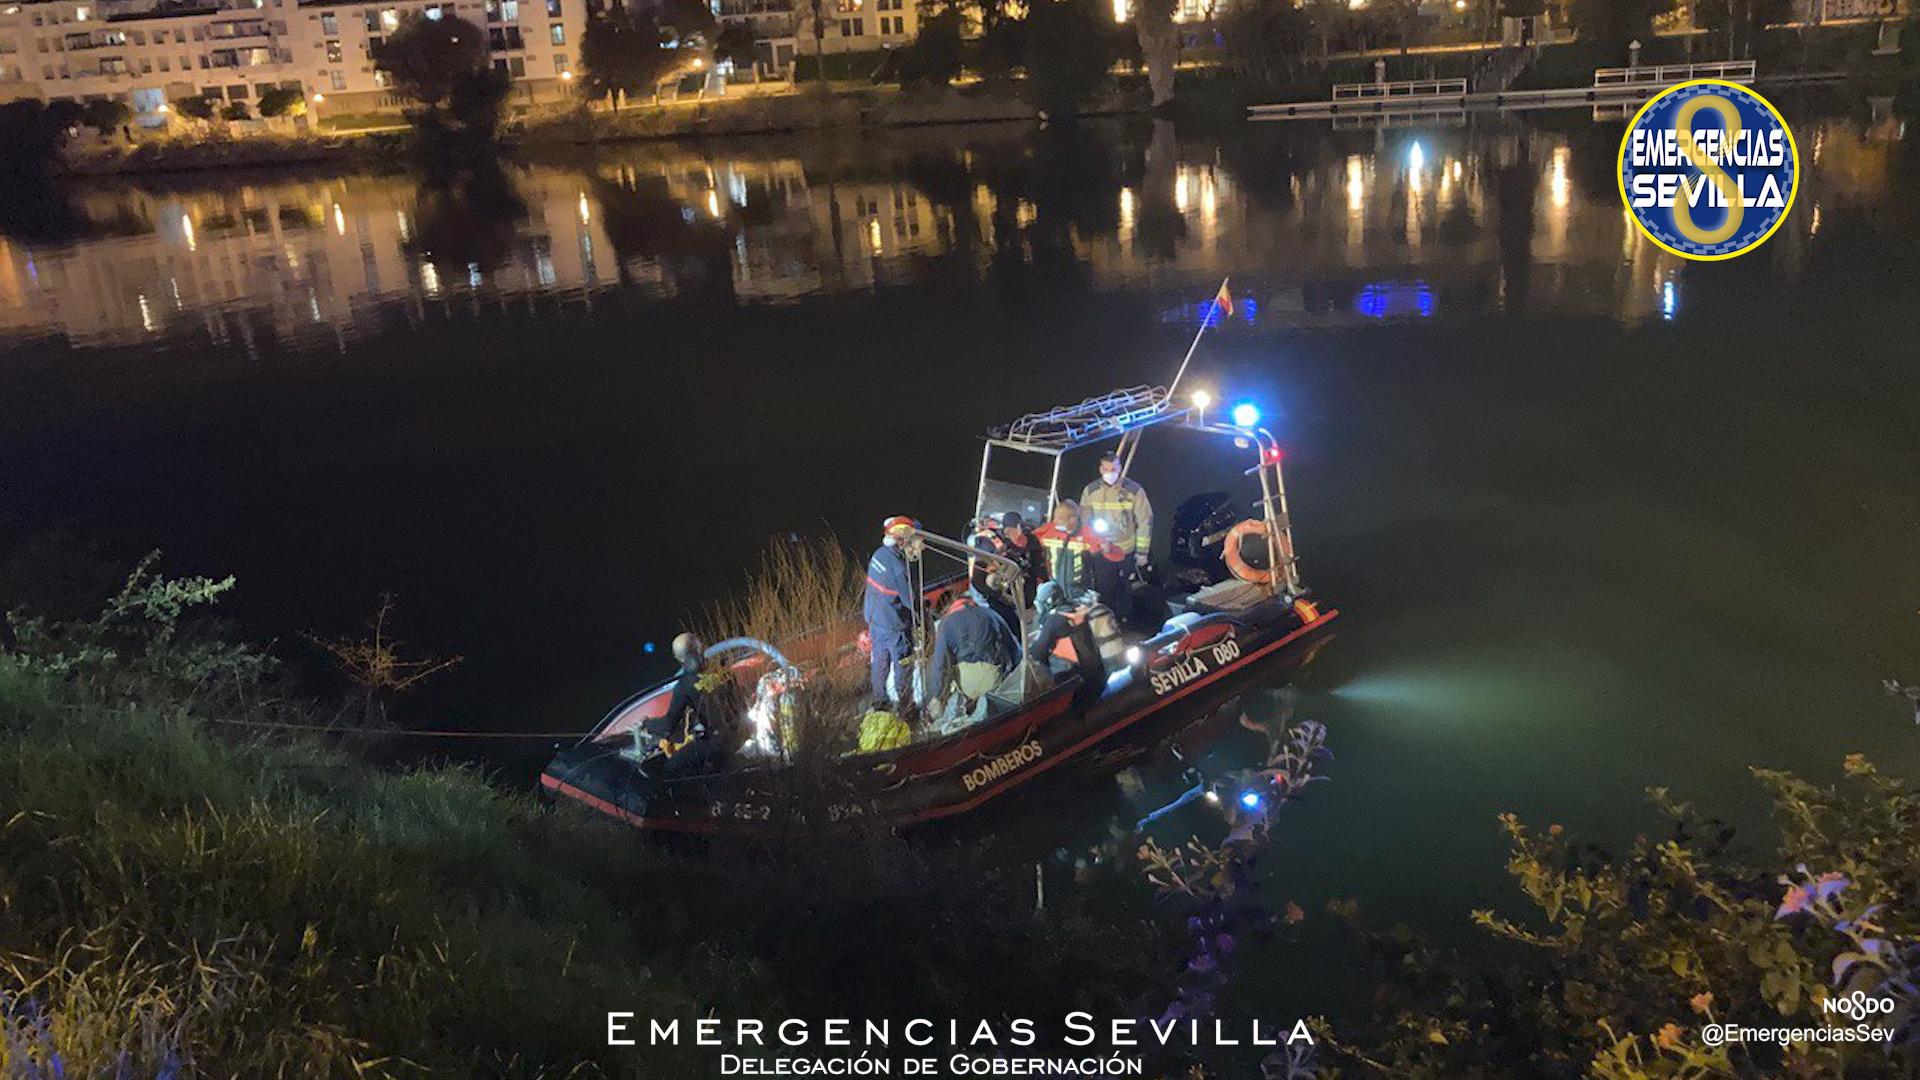 Localizan el cuerpo sin vida de un joven en un río de Sevilla tras un duro dispositivo de búsqueda